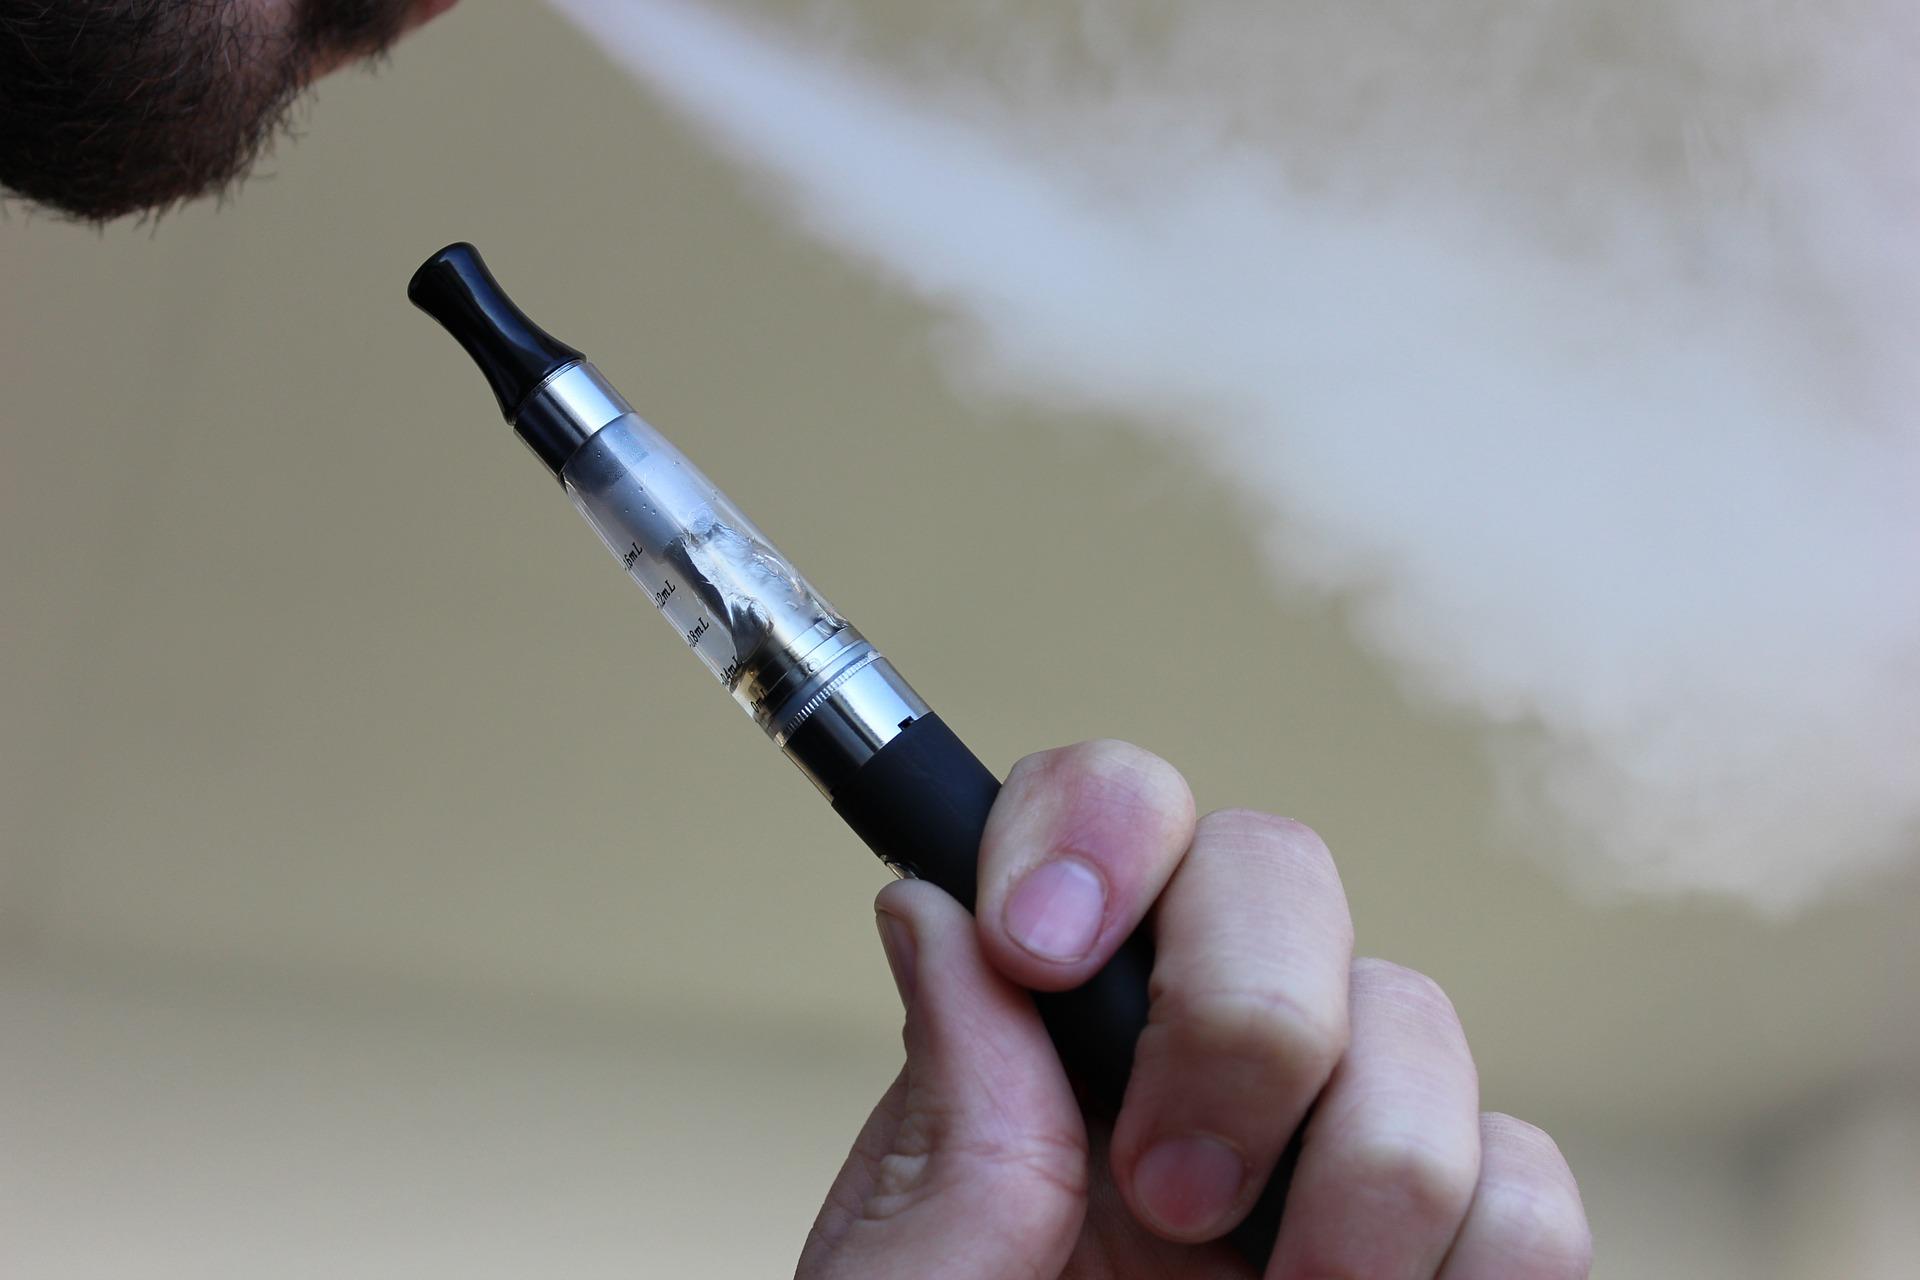 السجائر الإلكترونية تؤثر على بنية الحمض النووي